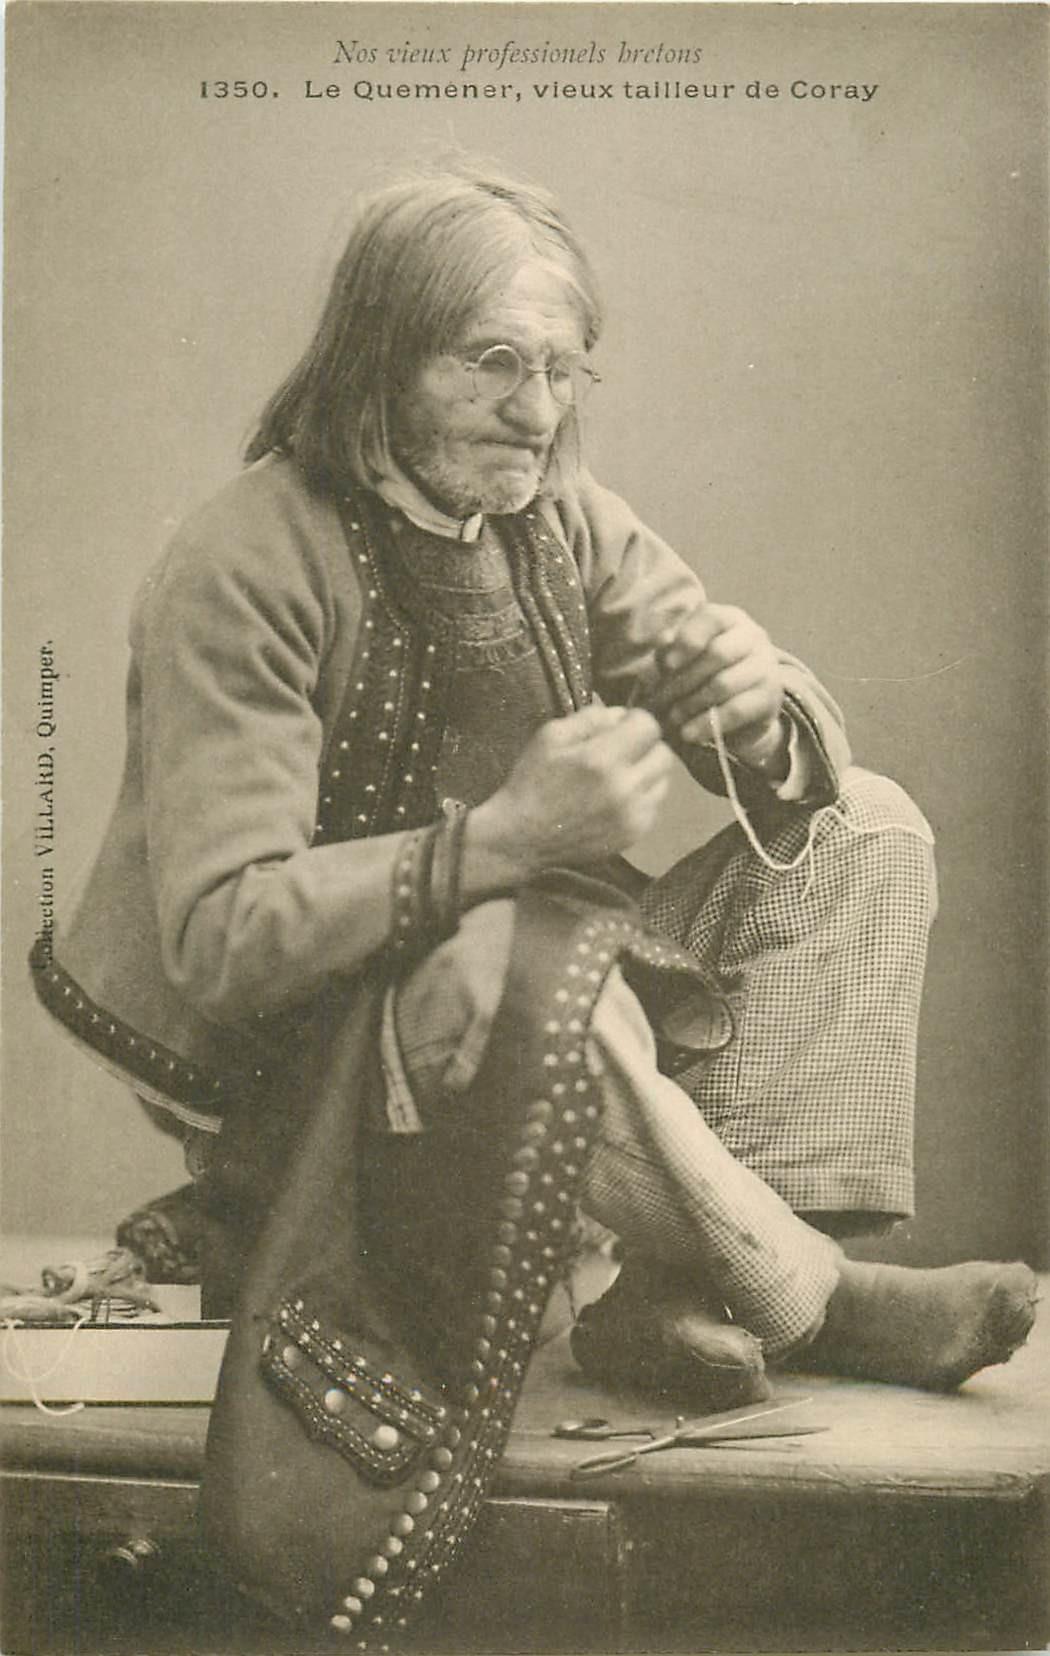 WW LA BRETAGNE. Le Quemener vieux Tailleur de Coray vers 1900